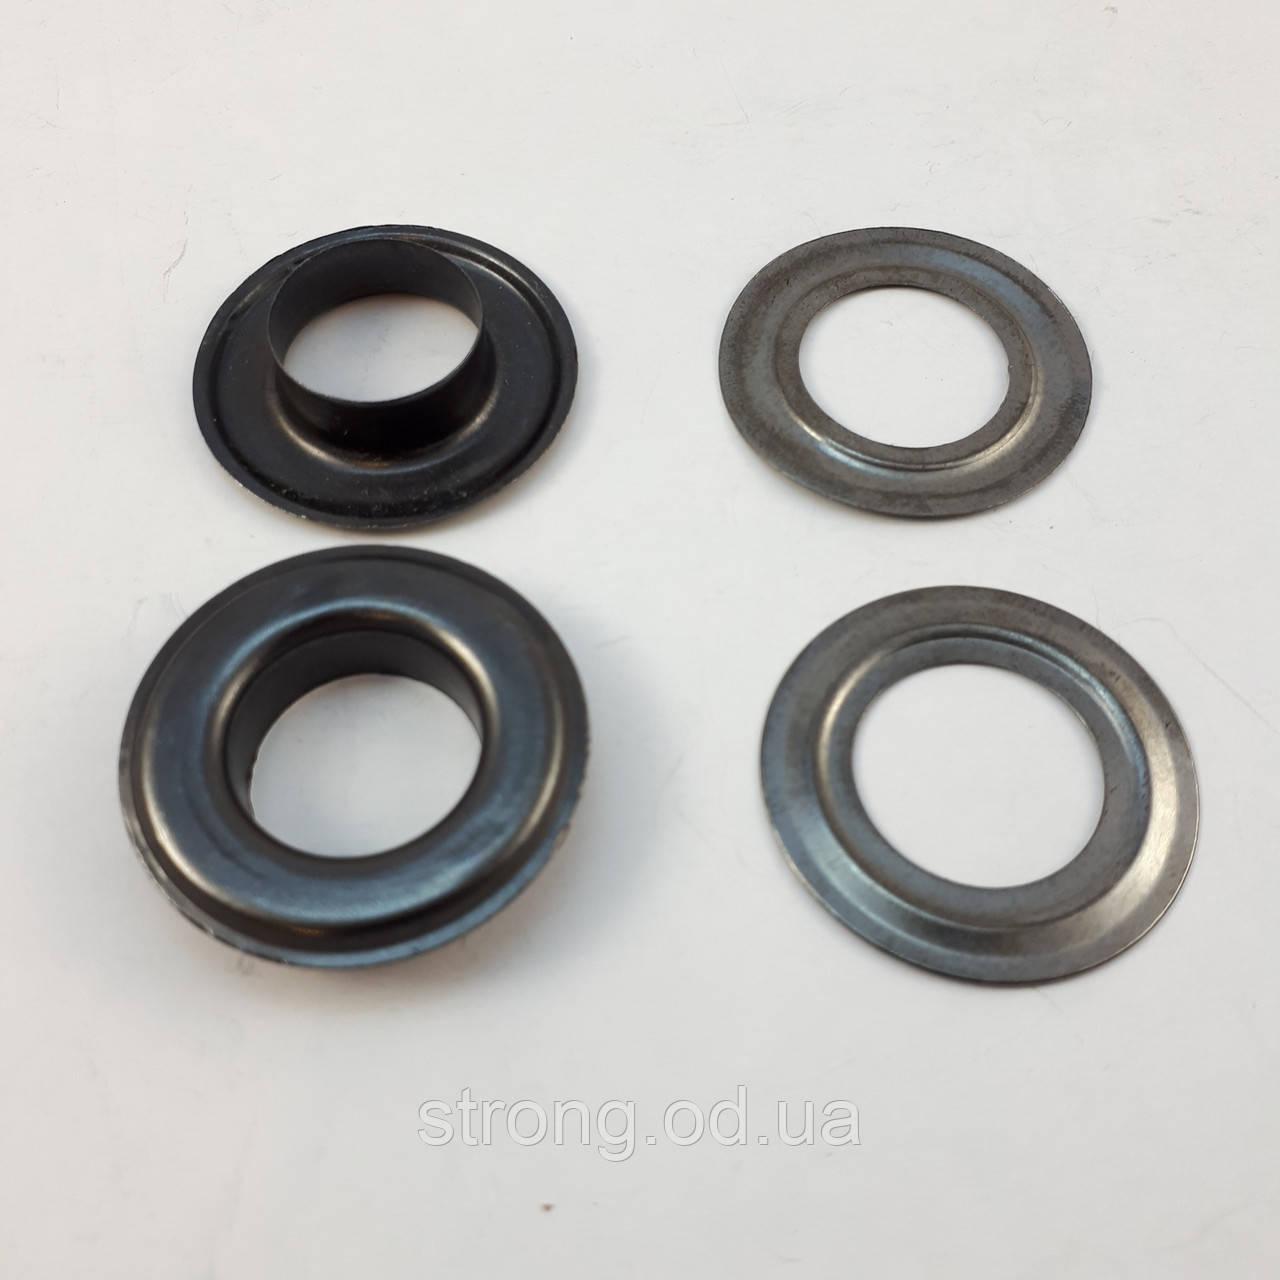 Блочка-Люверс №28 Темный никель 14мм (500шт.)